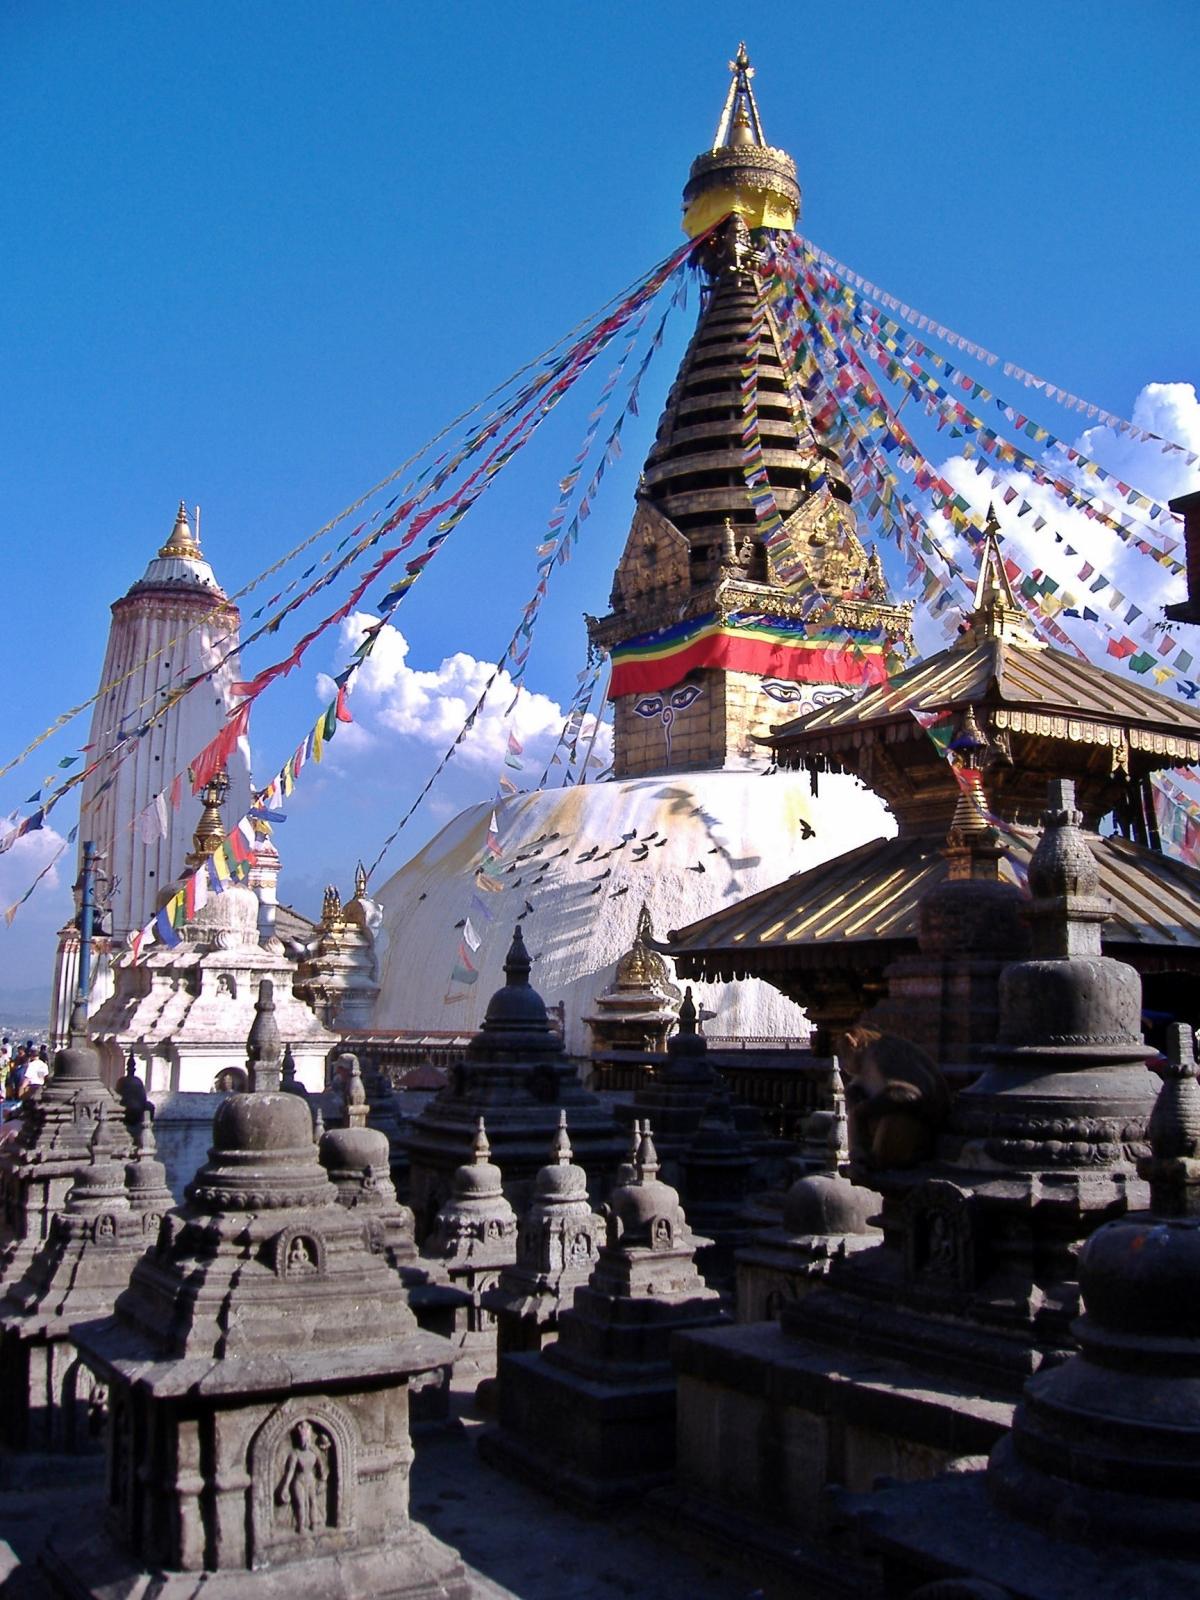 Stupa in Kathmandu, Nepal. Backpacks and Bra Straps